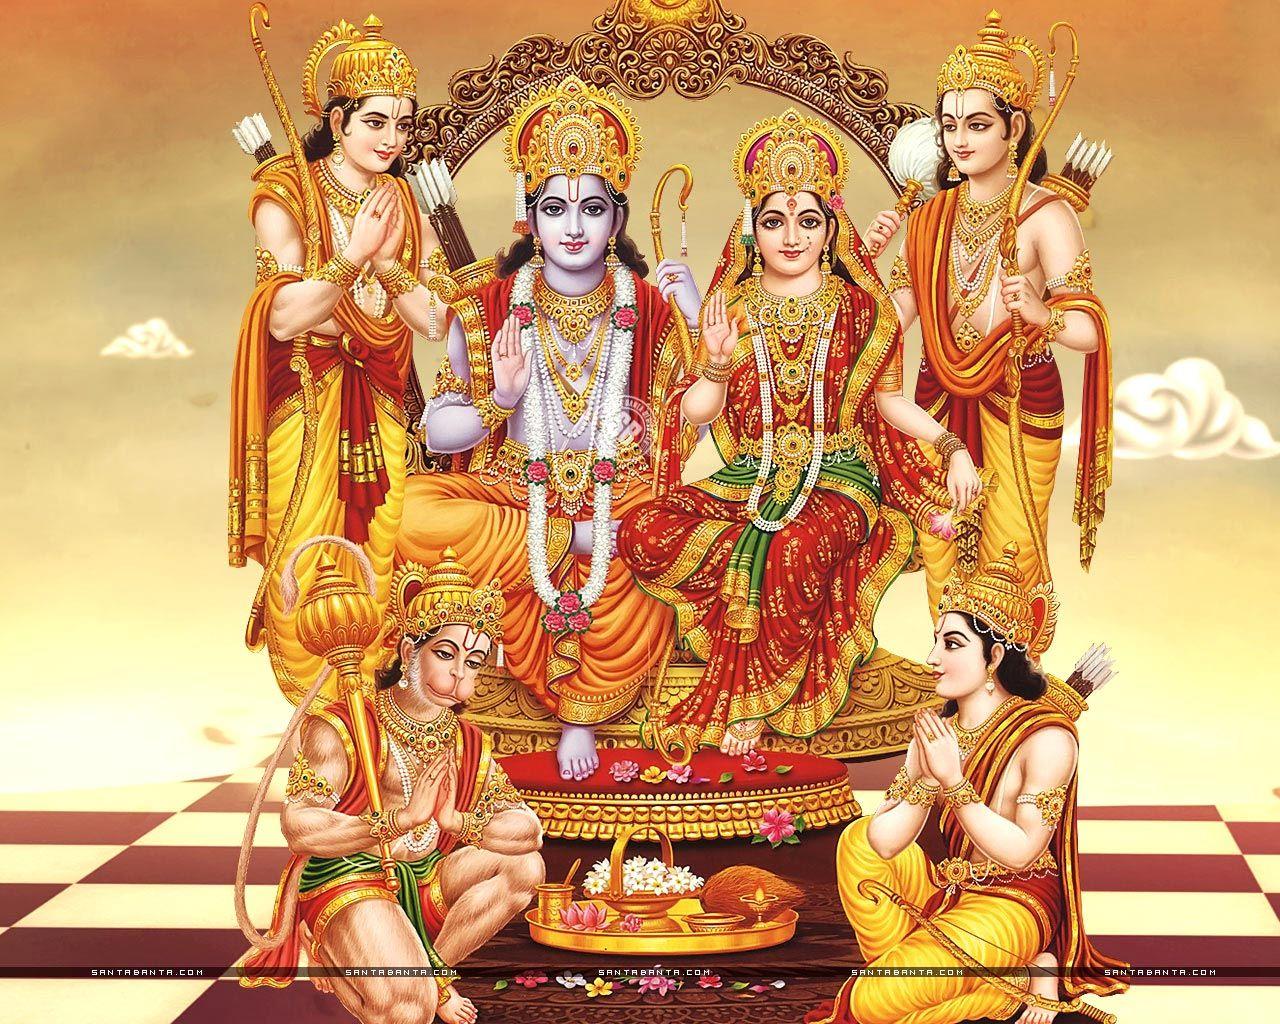 Great Wallpaper Lord Ram Darbar - 6cdf1a433e43f9ed186adb13aefa3b74  2018_94241.jpg